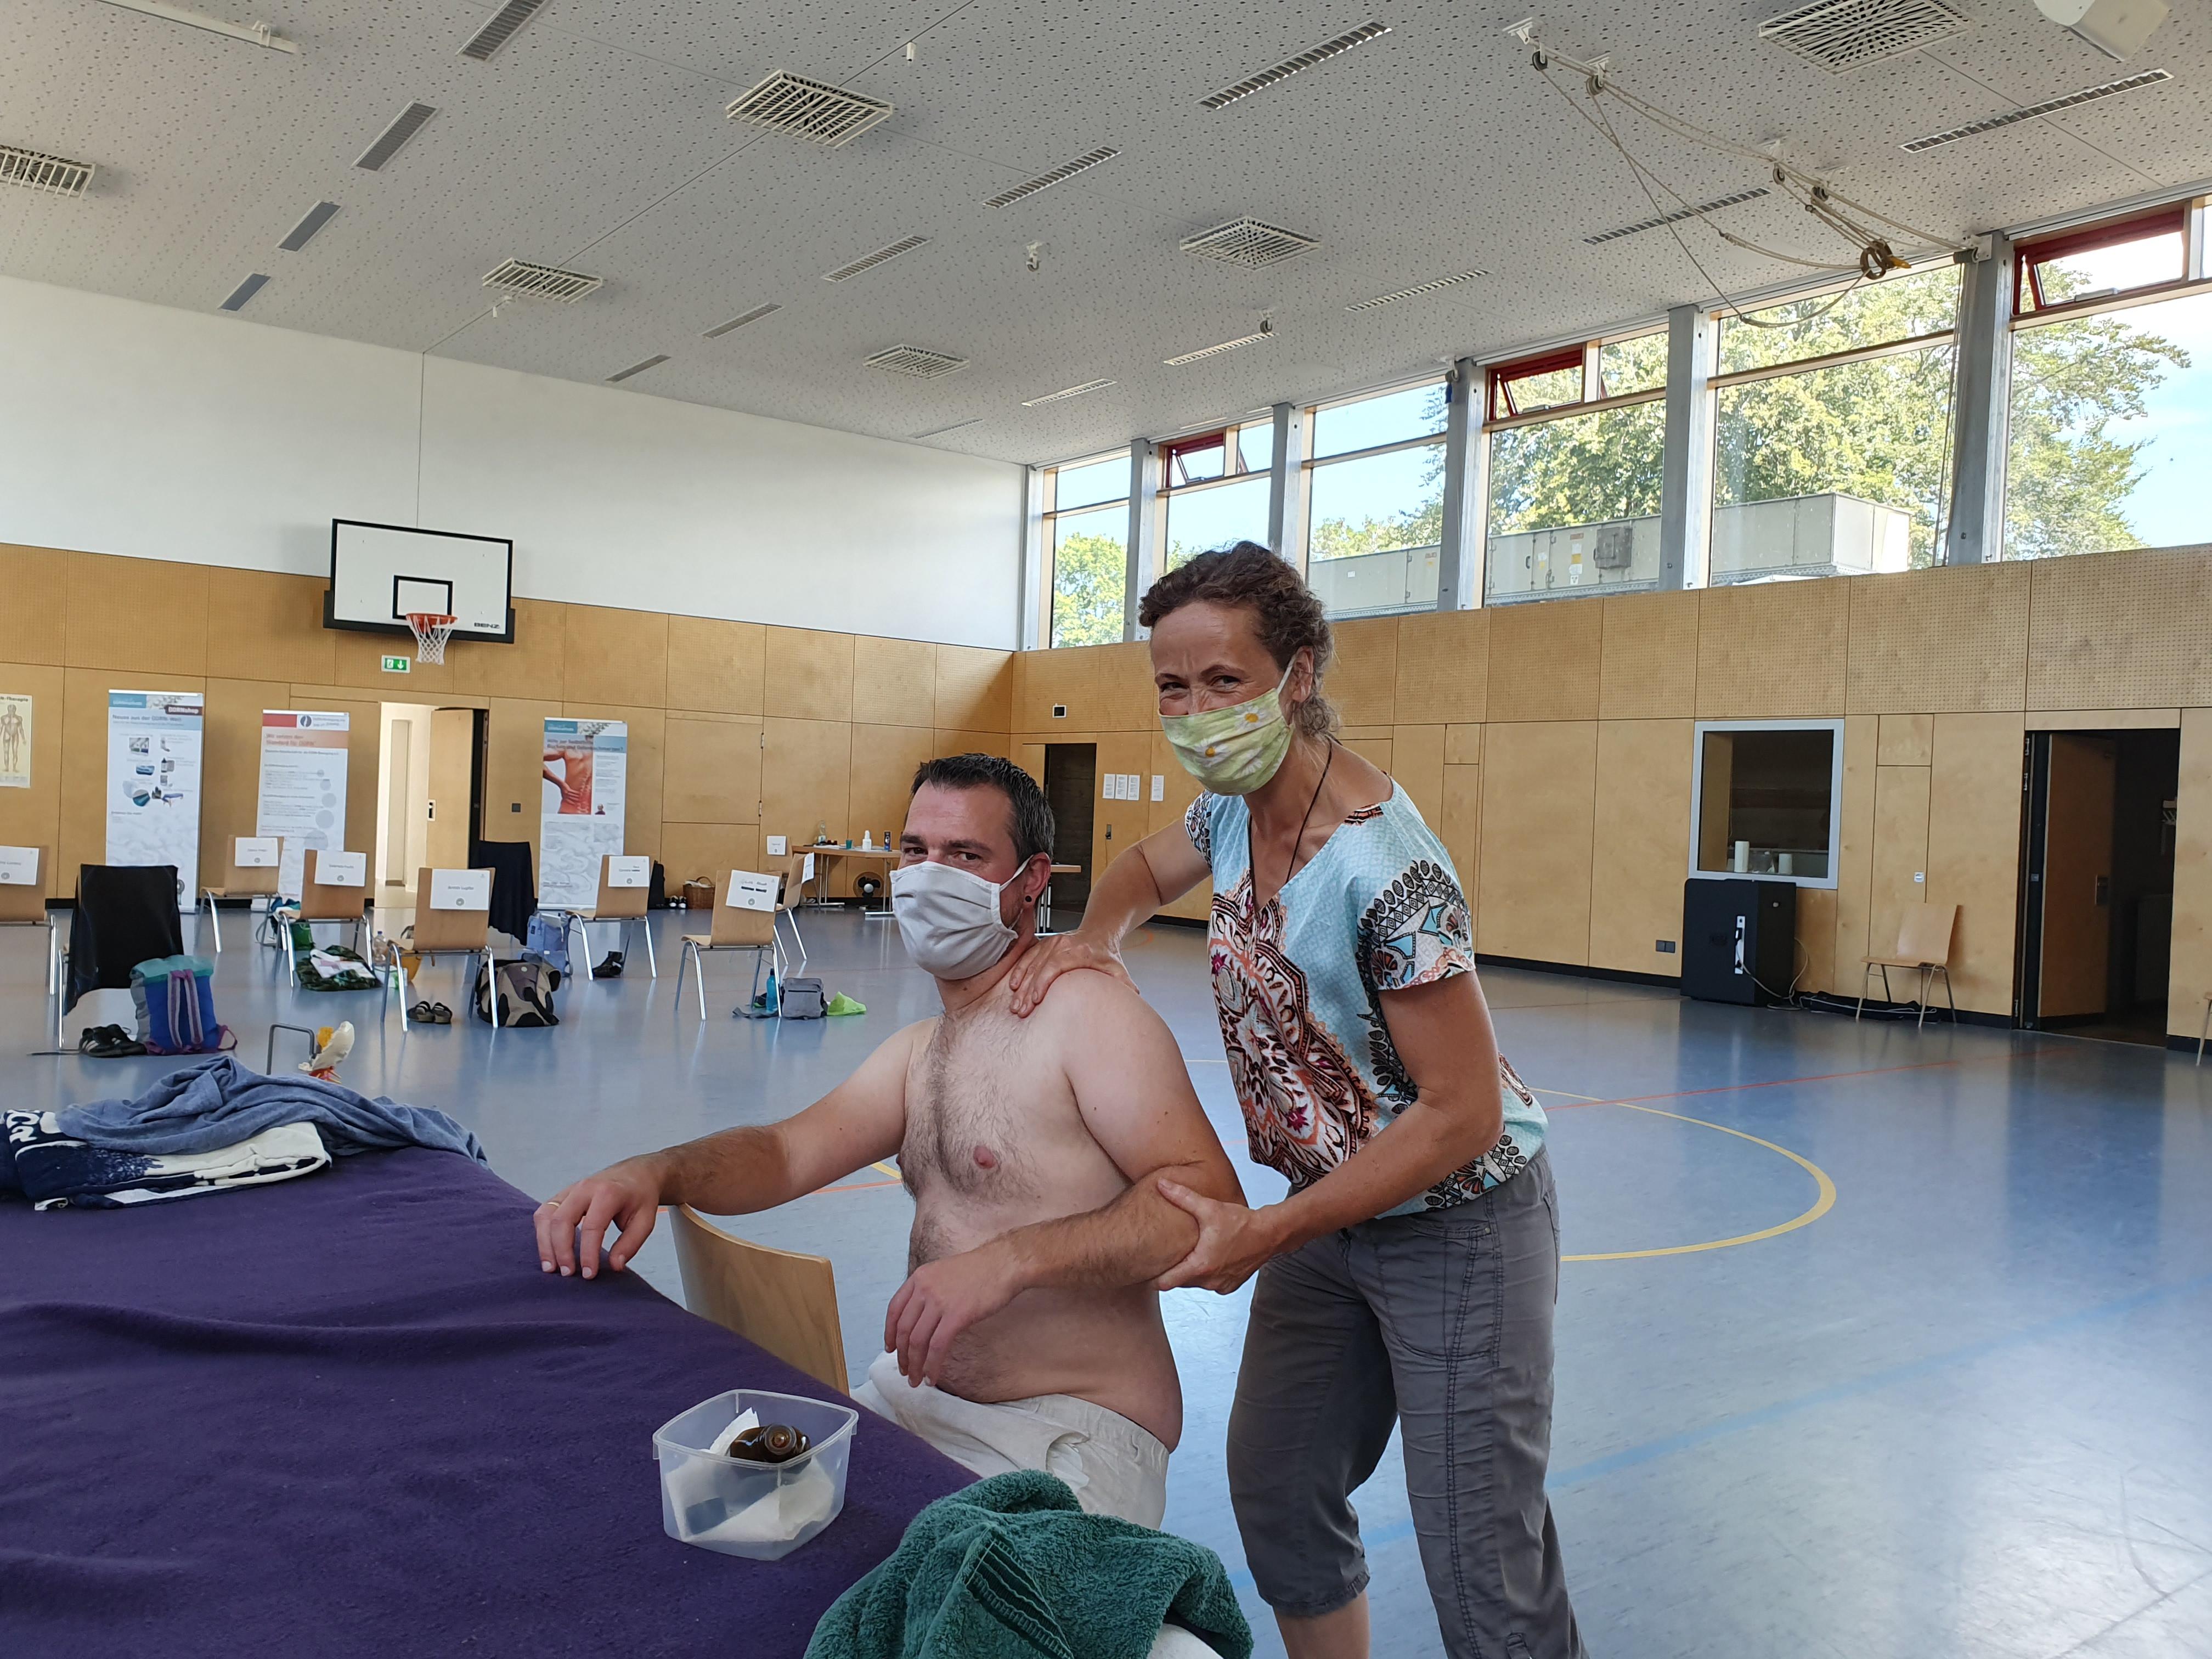 Eine Frau mit Mund- und Nasenschutz behandelt die Schulter eines Seminarteilnehmers